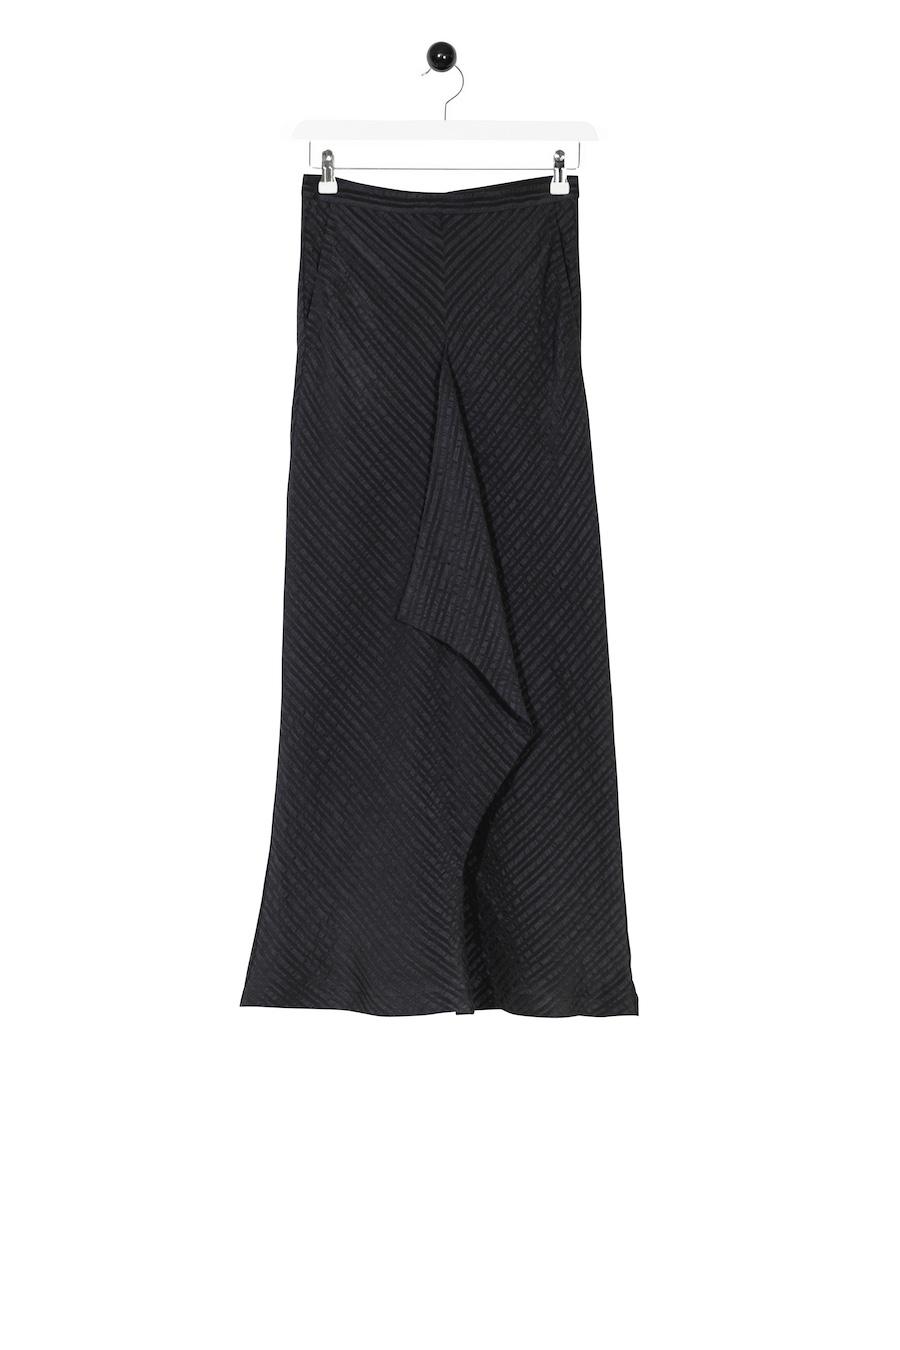 Torup Skirt